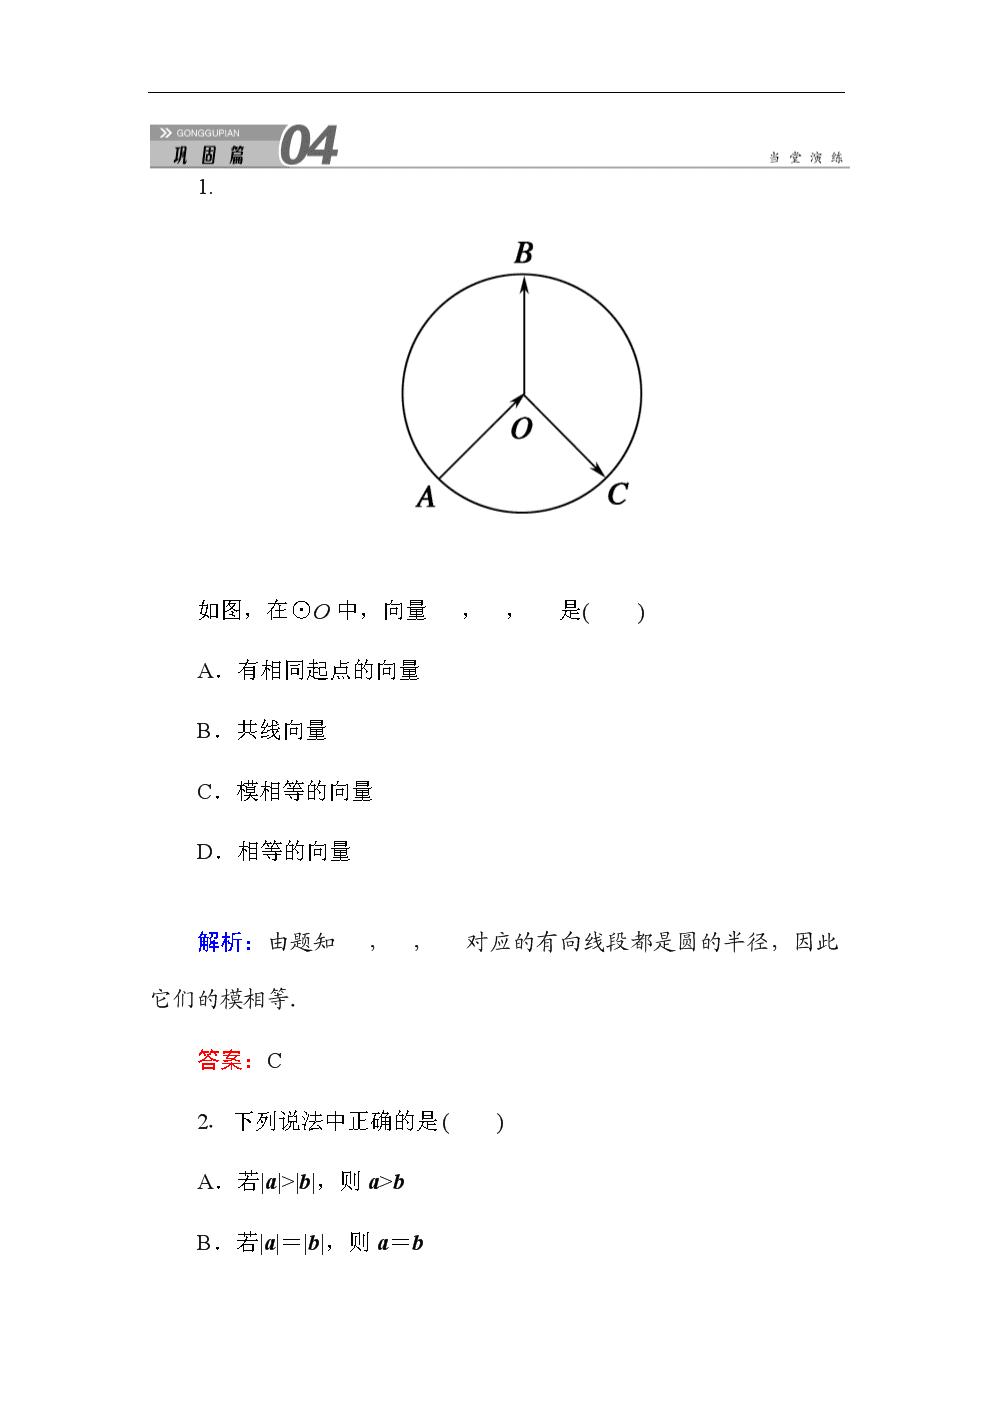 人教A版高中数学必修4练习手册:2-1平面向量的实际背景及基本概念(附答案).doc